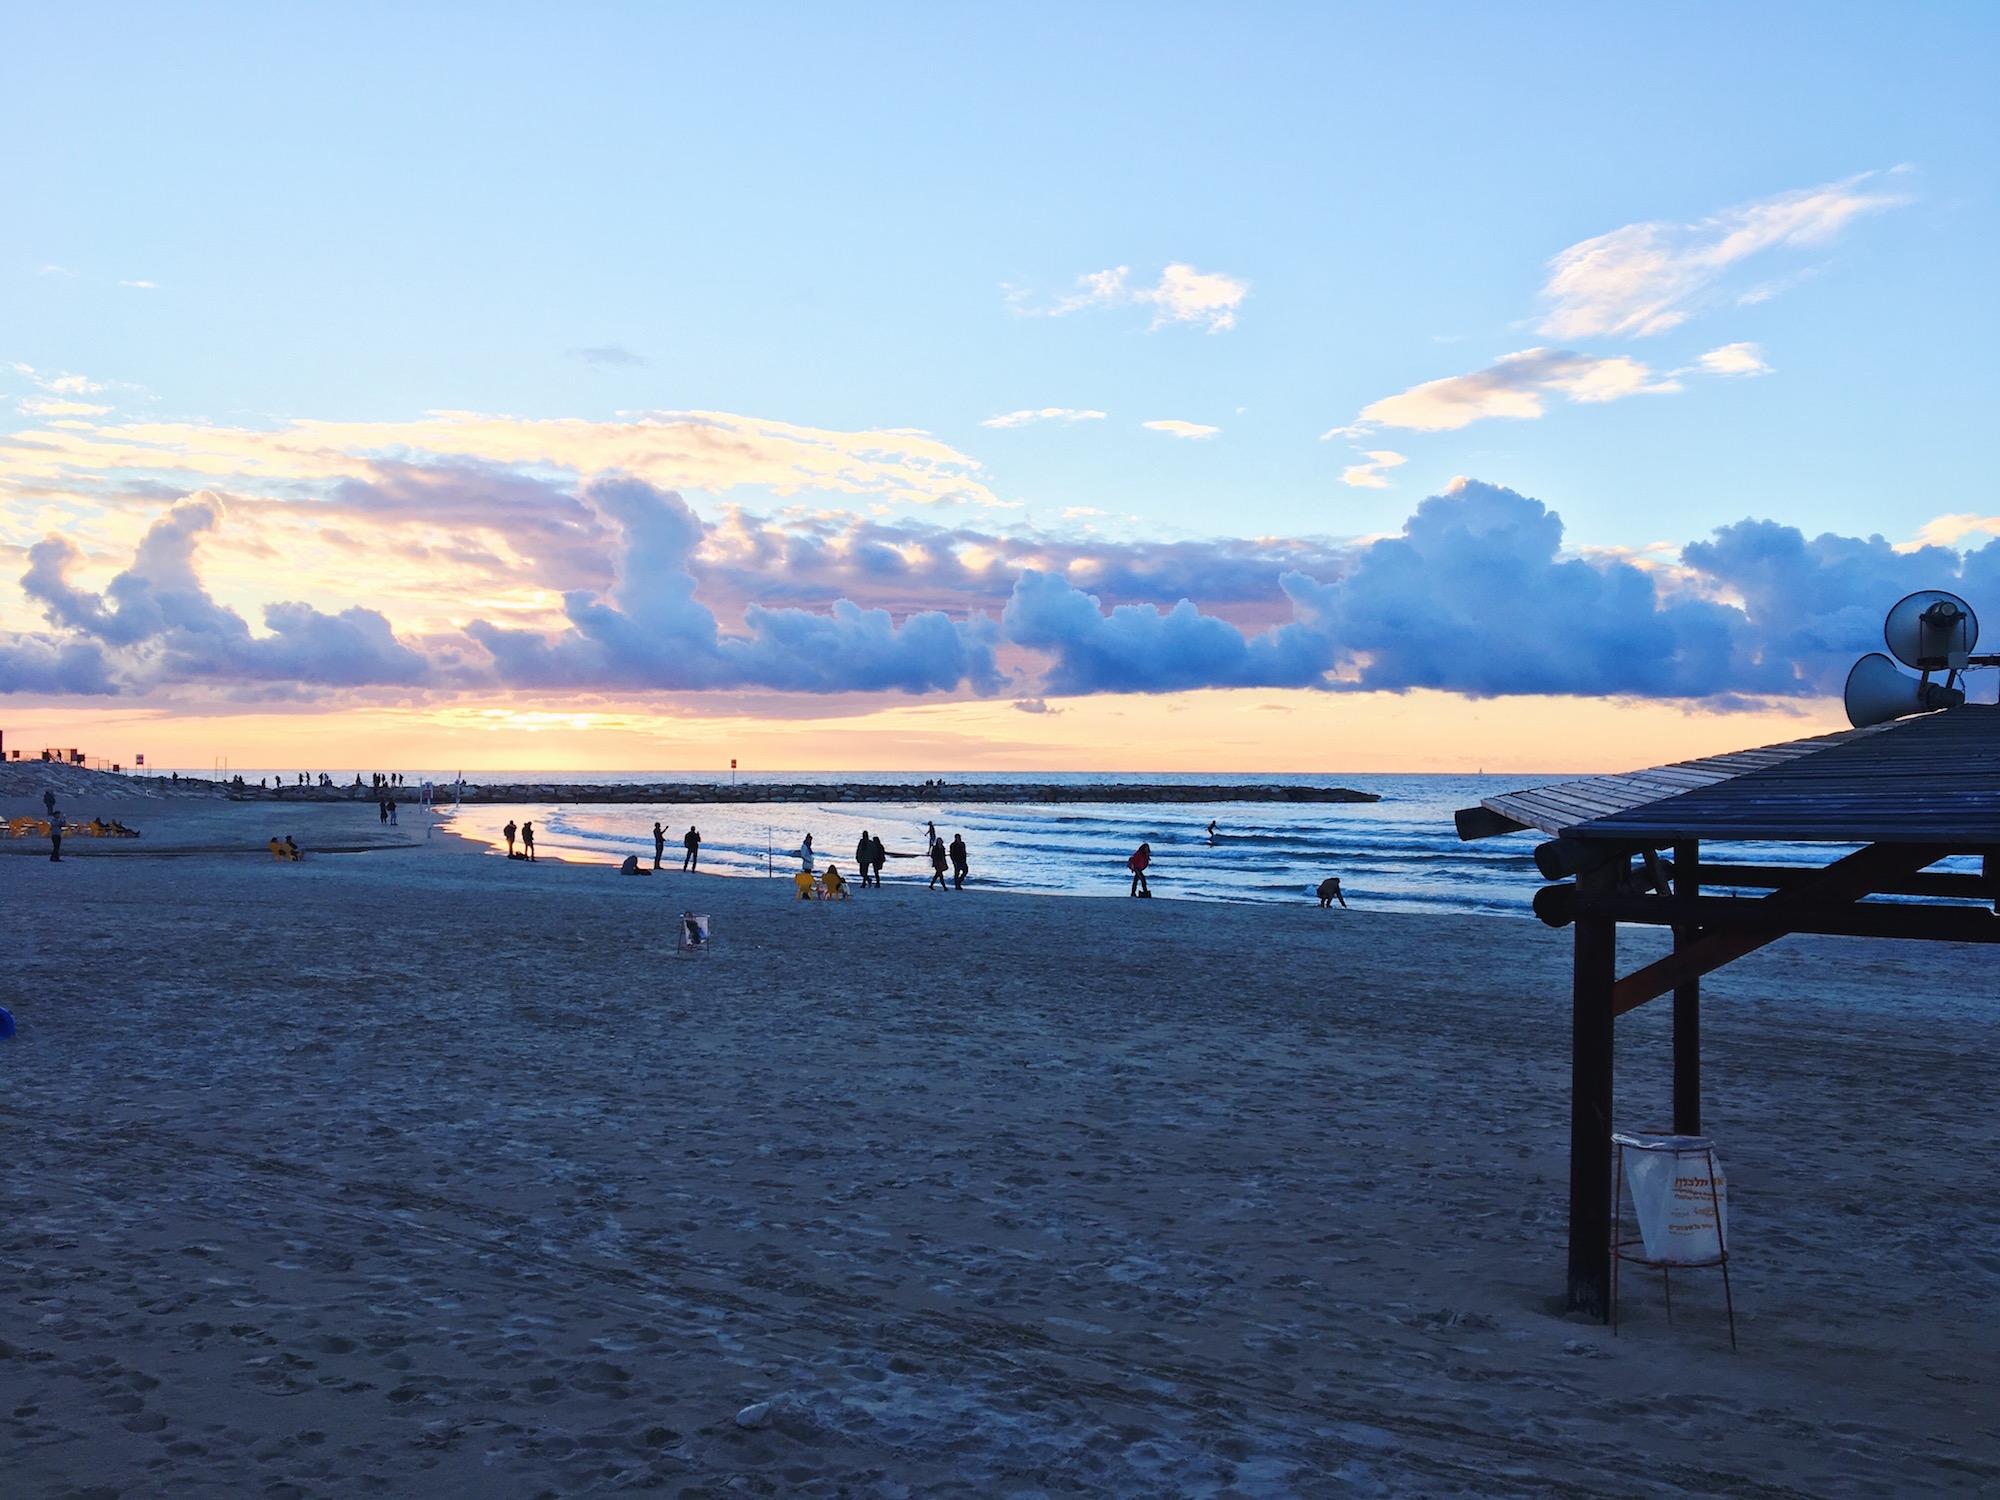 La spiaggia e il lungomare di Tel Aviv al tramonto- Israele